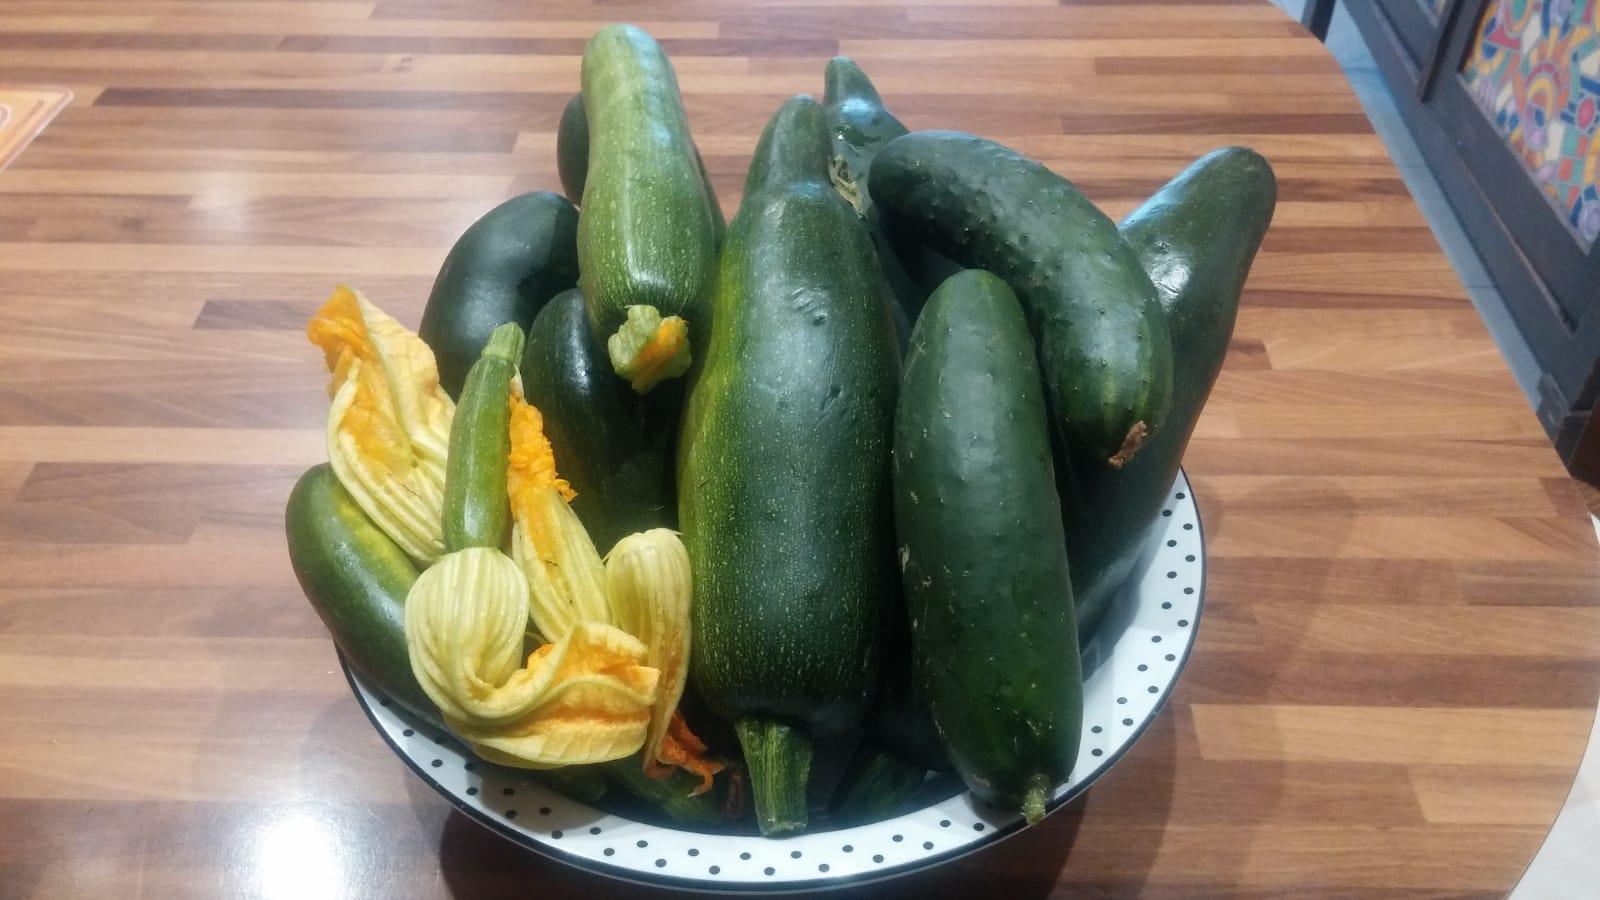 zucchine e fiore di zucchina biologici